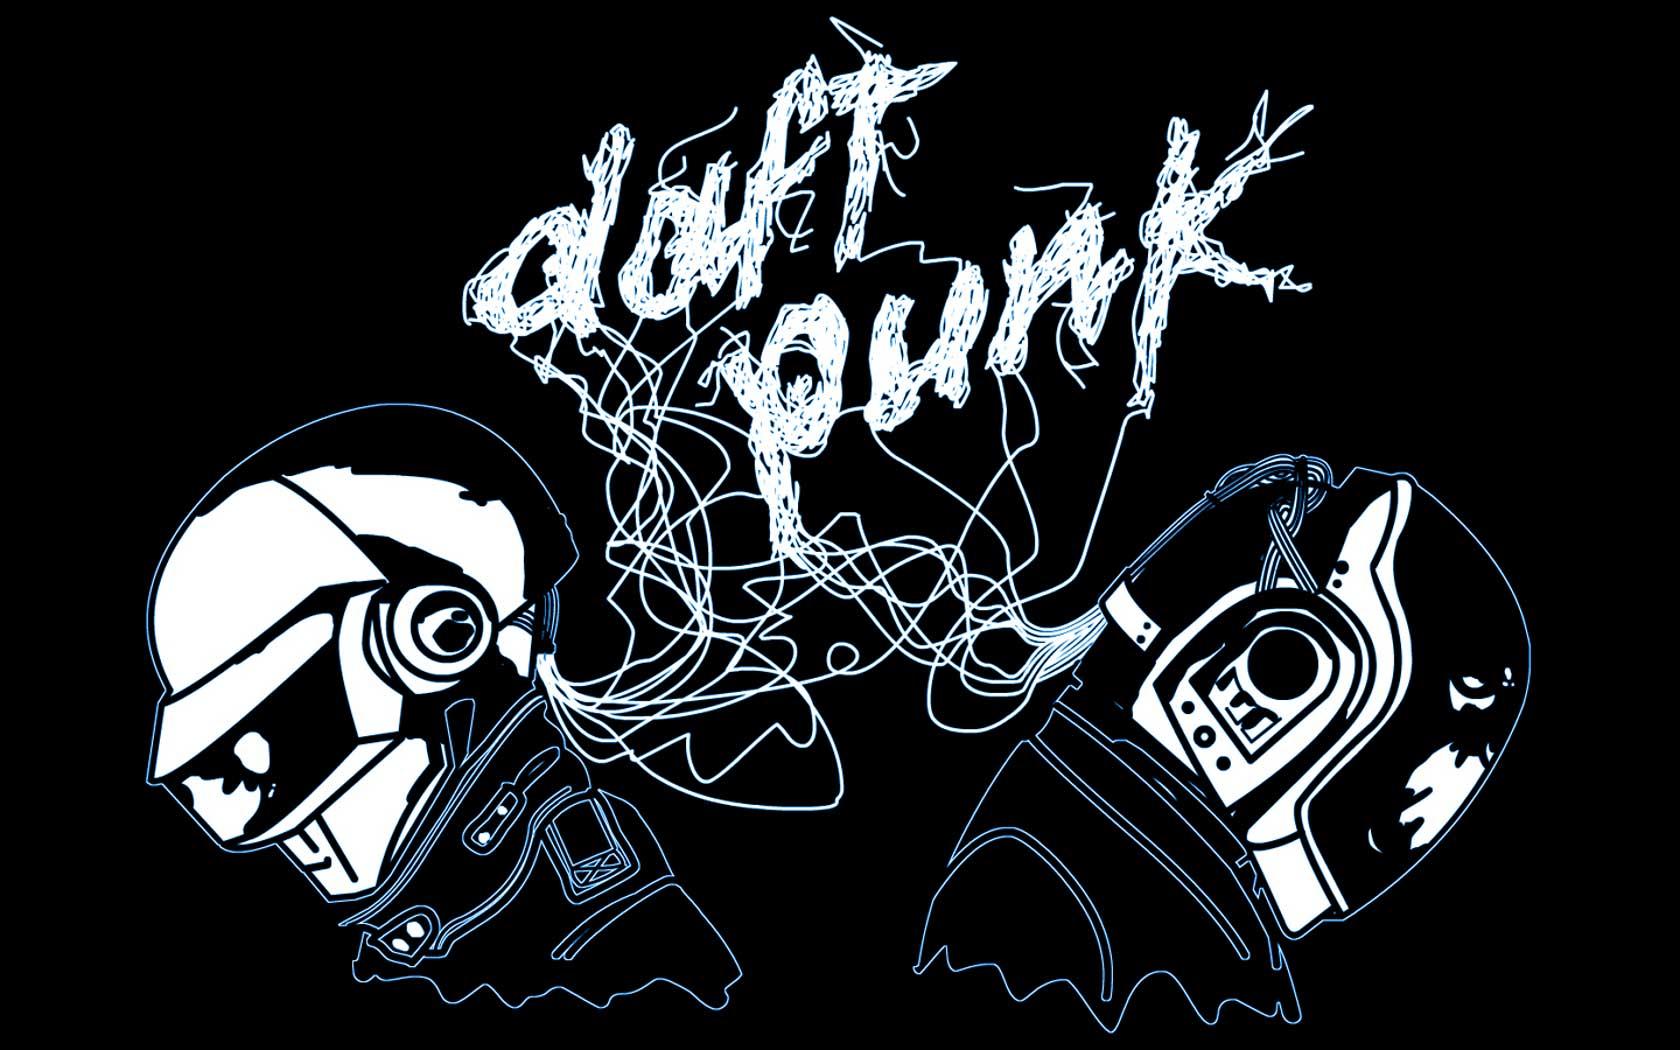 ... Inspiring Daft Punk Wallpapers): 1680 × 1050